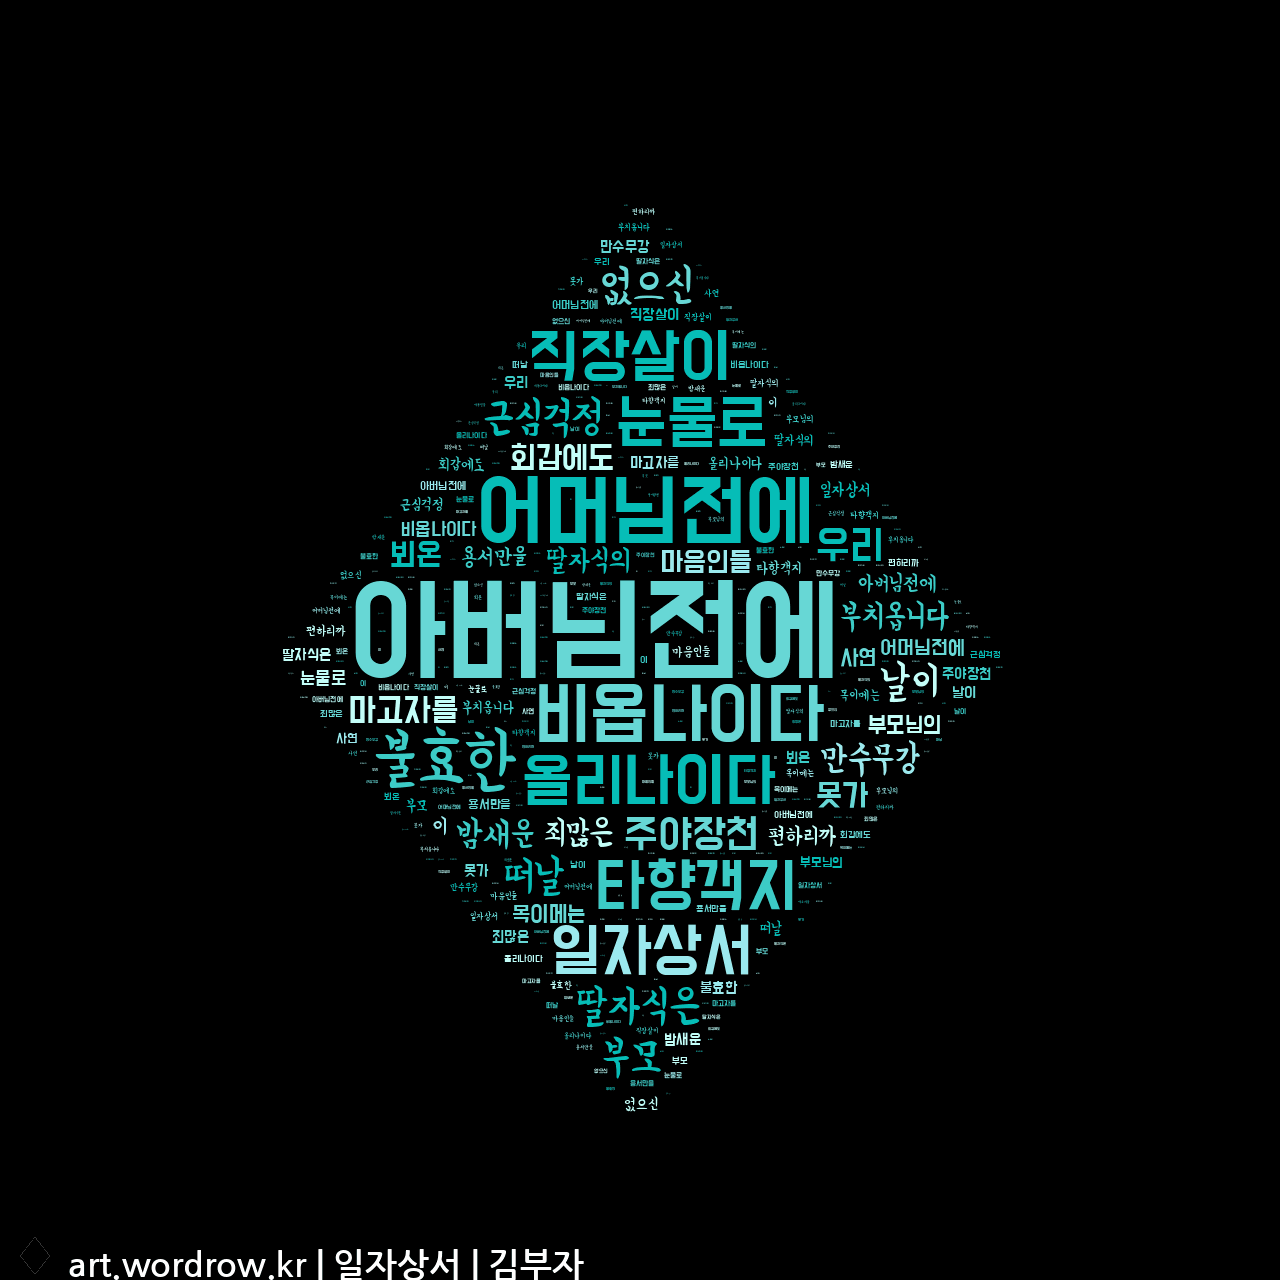 워드 클라우드: 일자상서 [김부자]-41